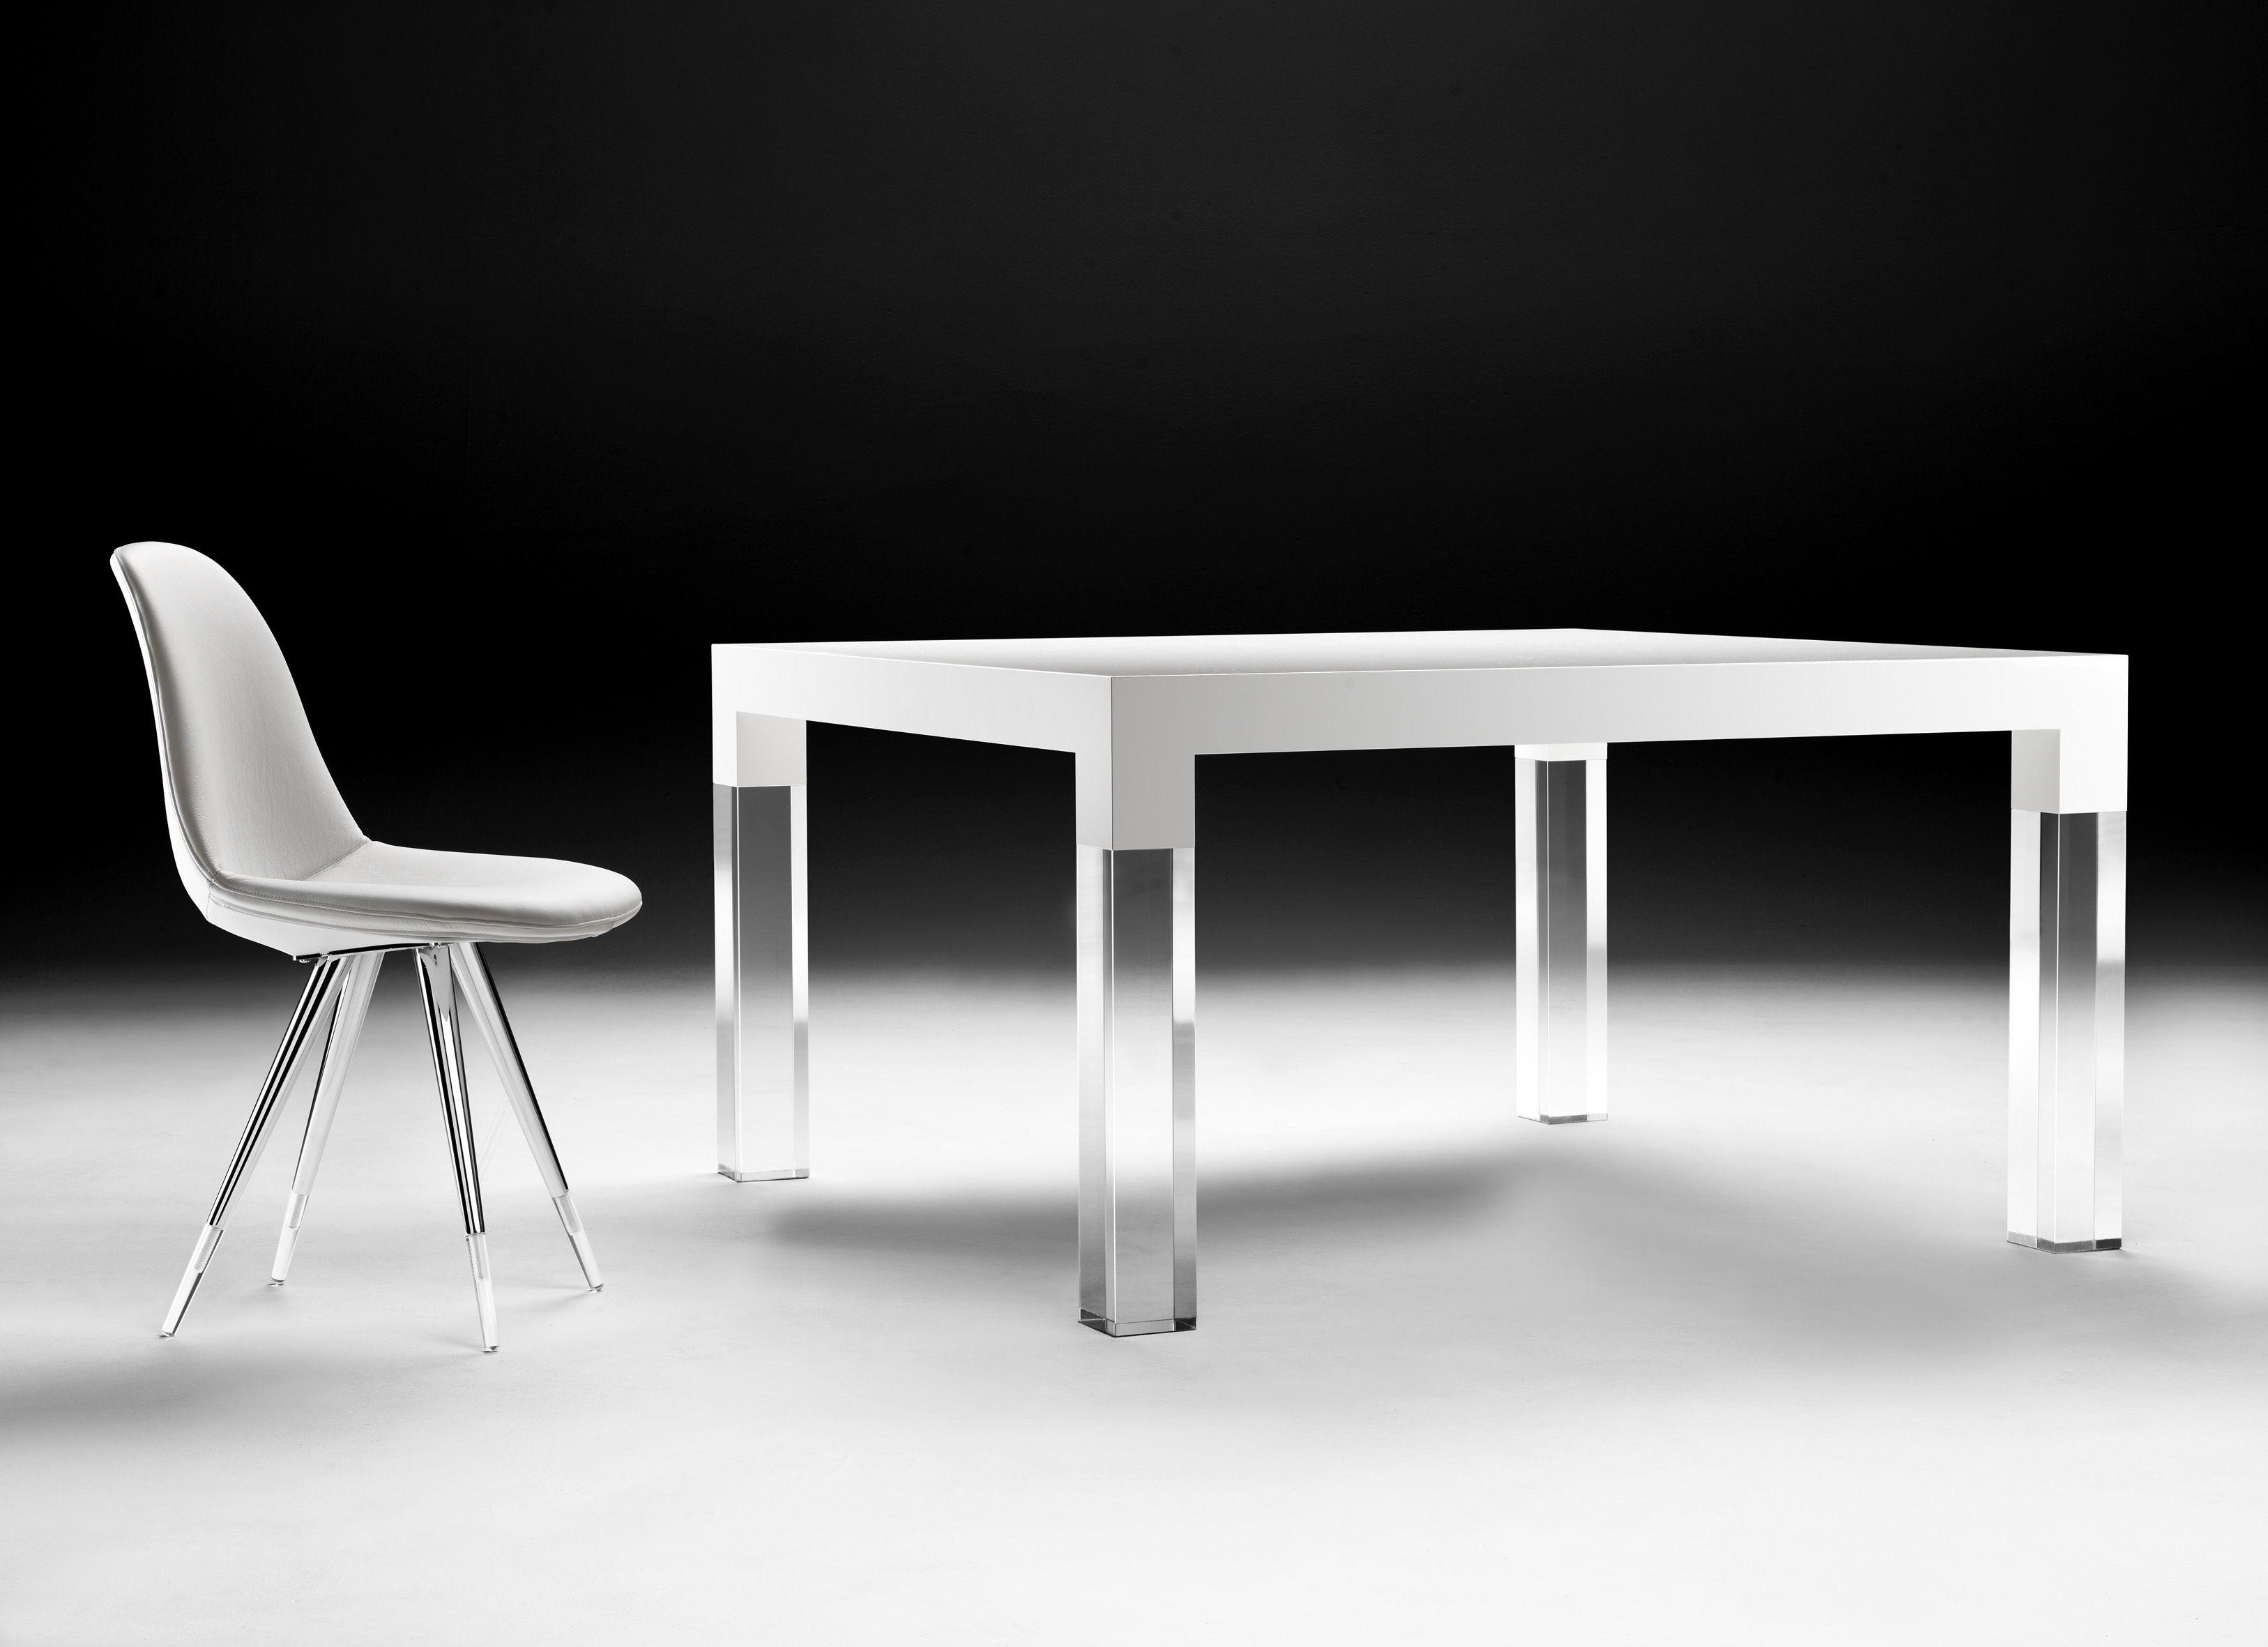 Eettafel Modern Wit.Eettafel Modern Wit Rsvhoekpolder